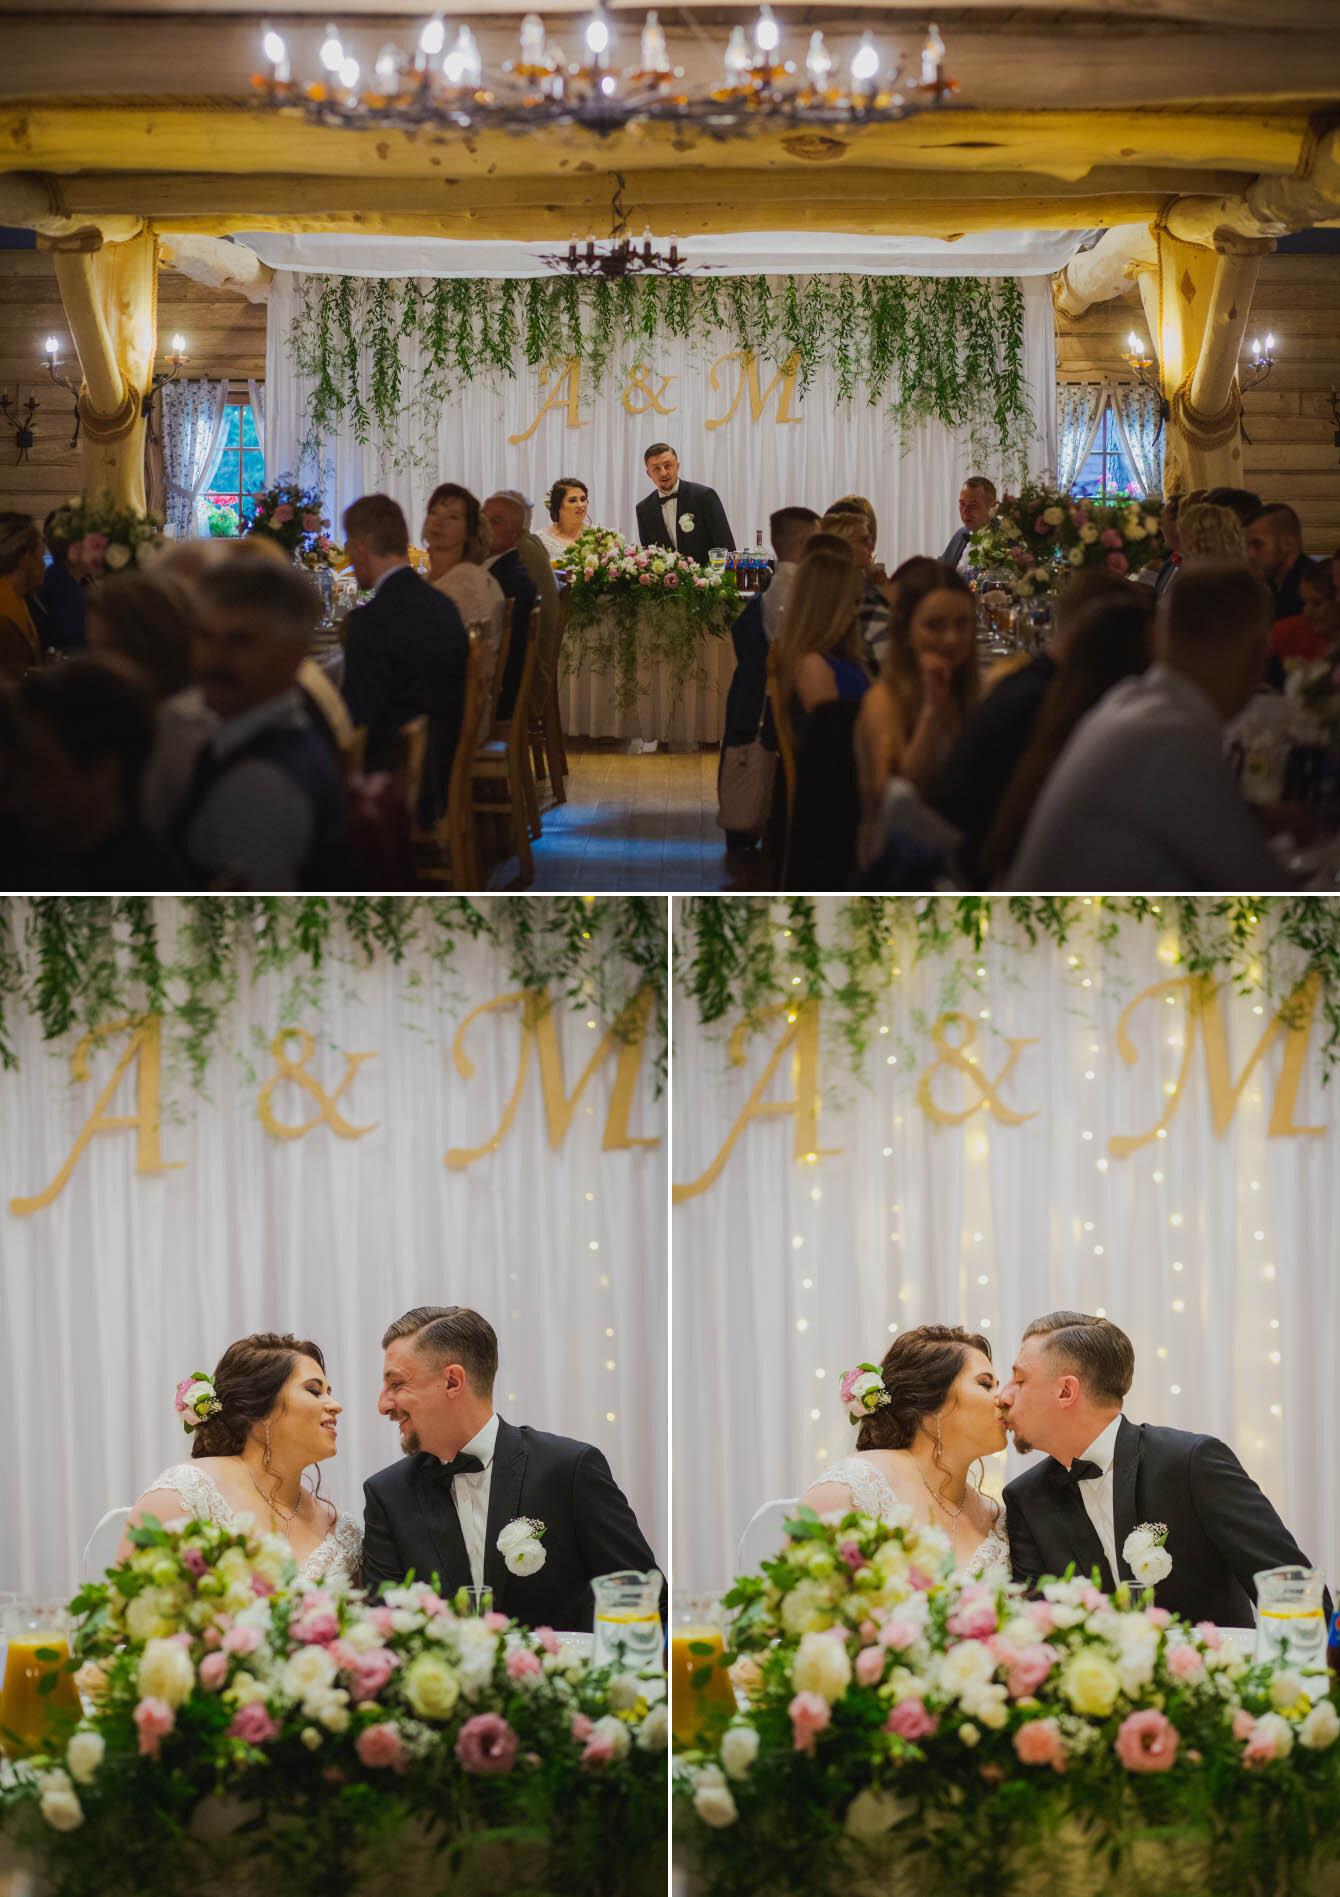 Fotografie ślubne Marka i Angeliki w domu weselnym pod Grzybkiem fotograf Bartek Wyrobek  23.jpg